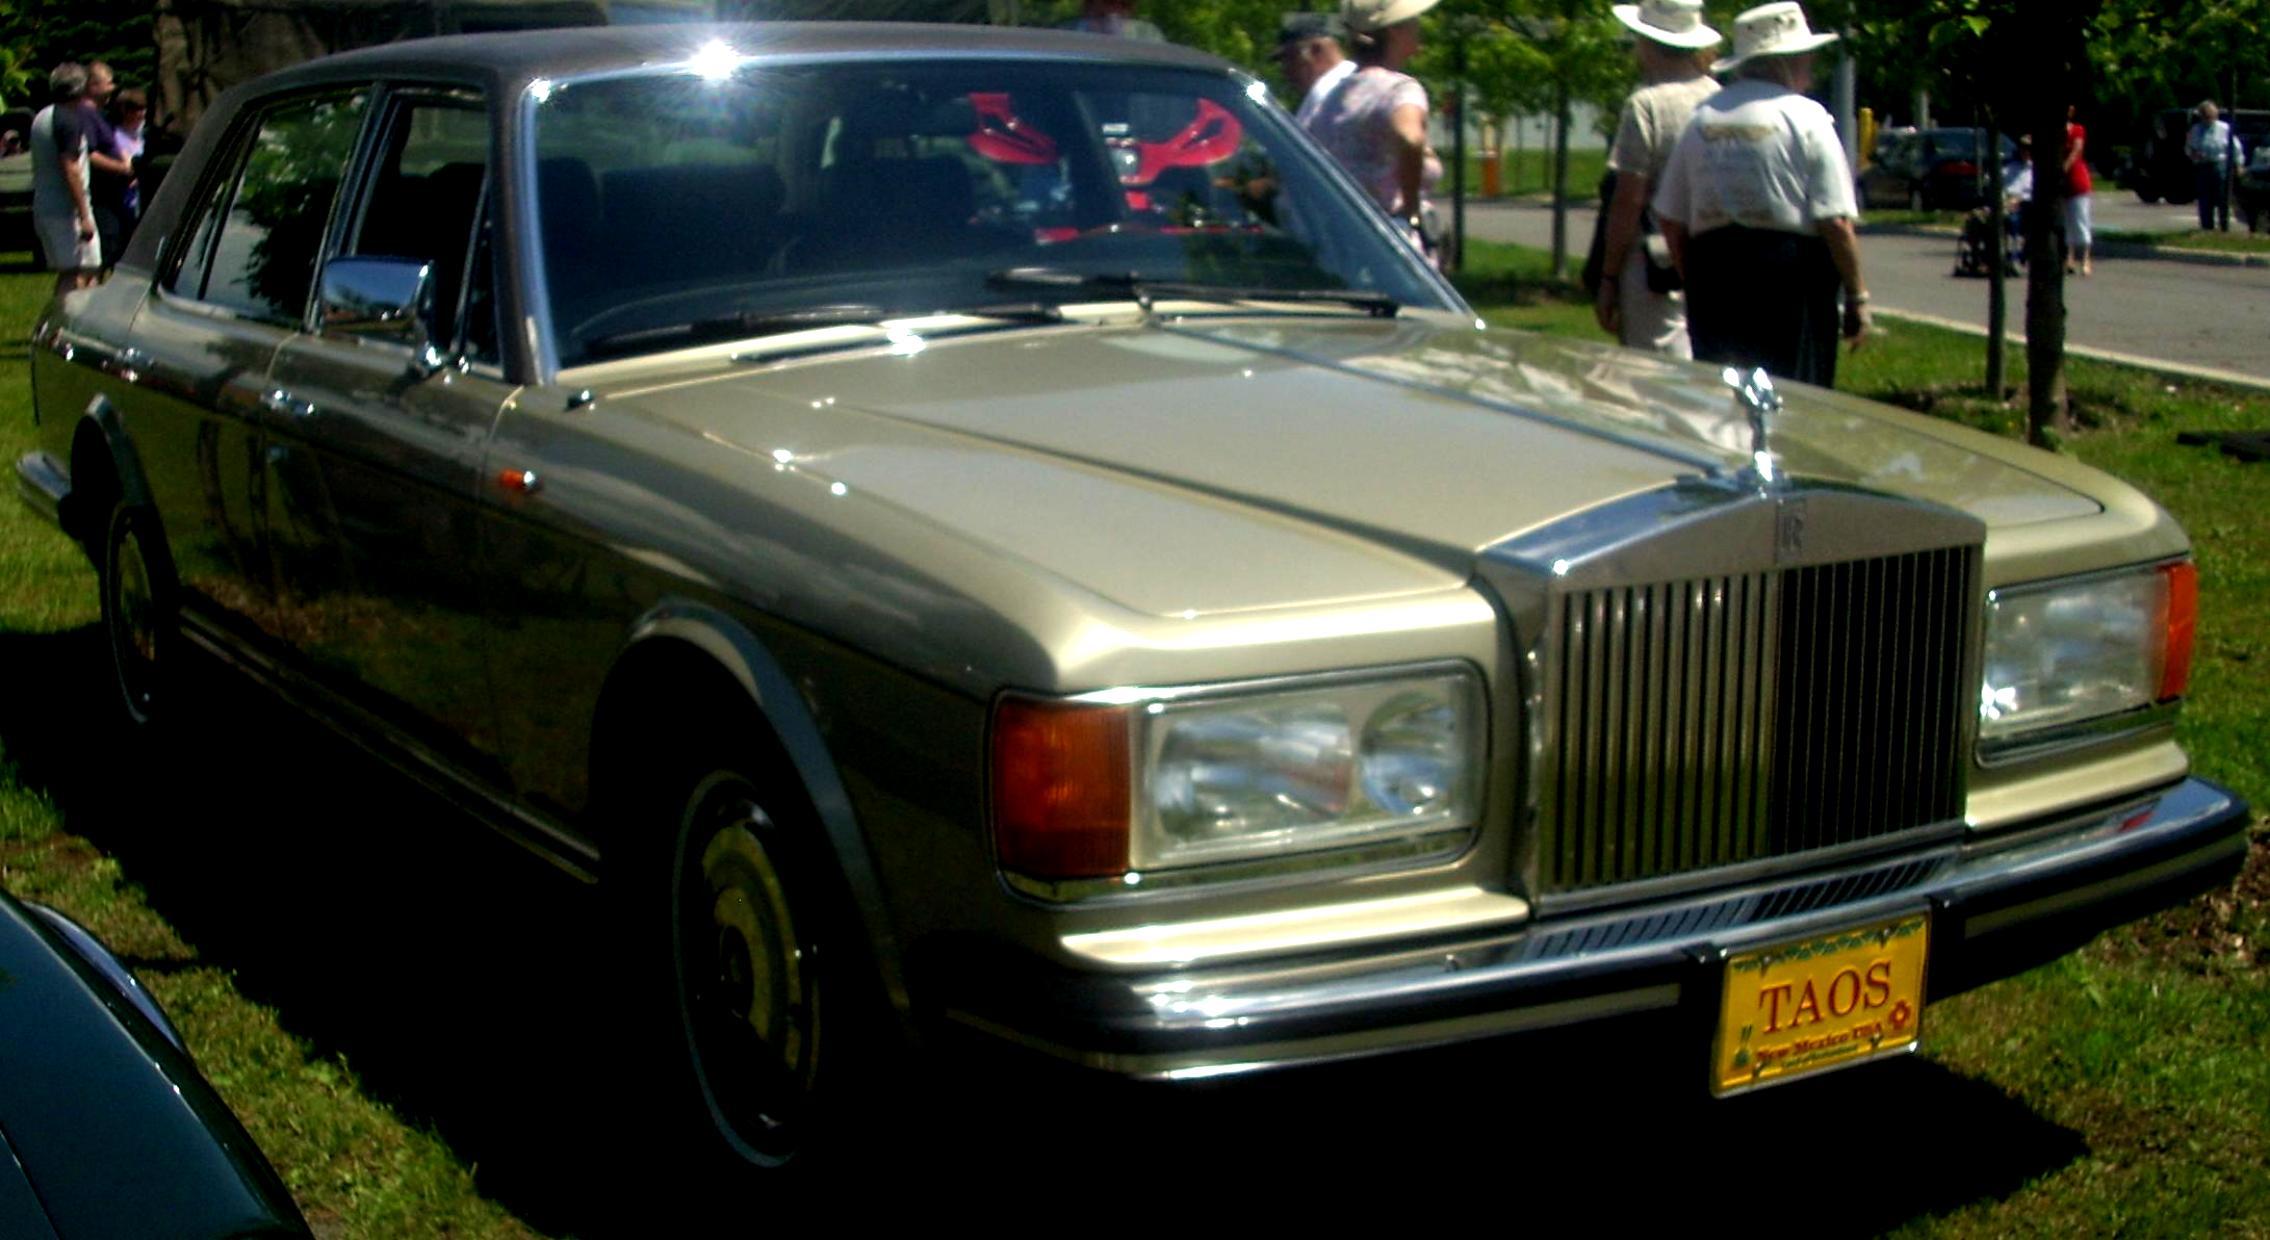 Rolls Royce Silver Spirit Iii on 2000 Saab 9 3 Reliability